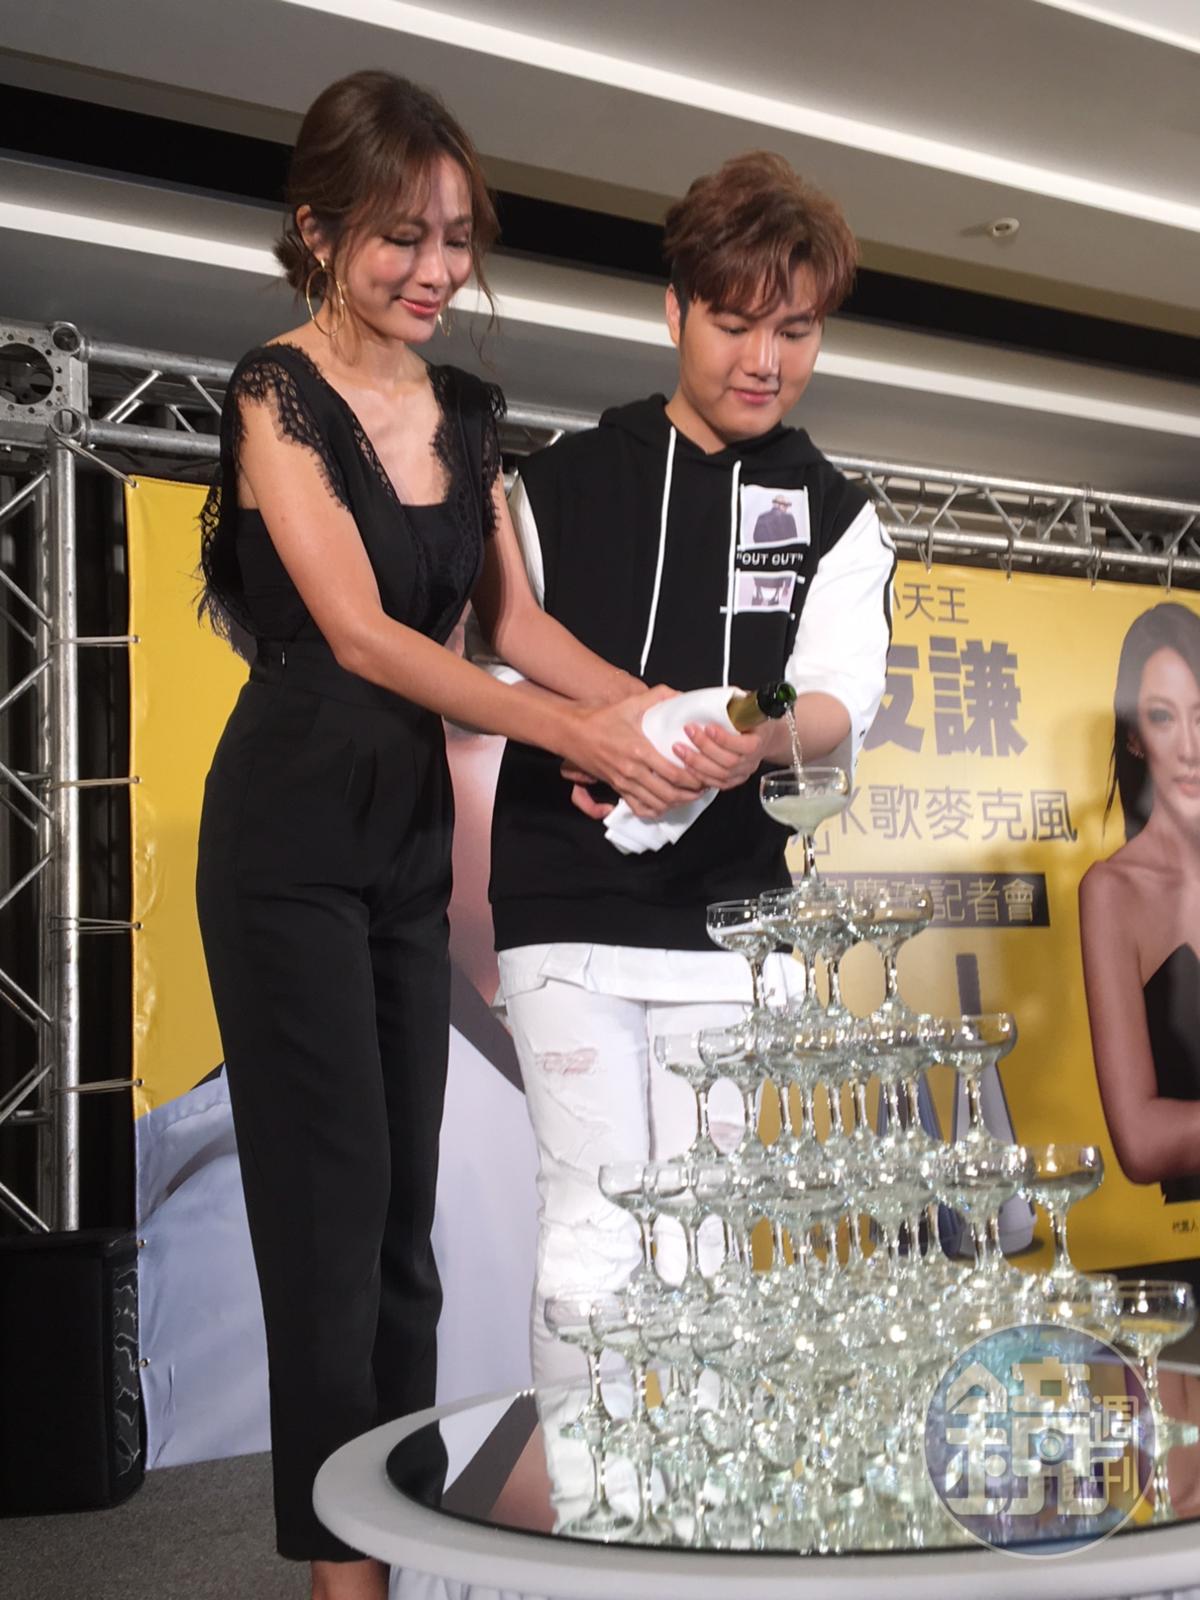 高宇蓁和蘇友謙一同倒香檳慶祝「聽籟麥克風」賣出好成績。(郭曉芸攝)